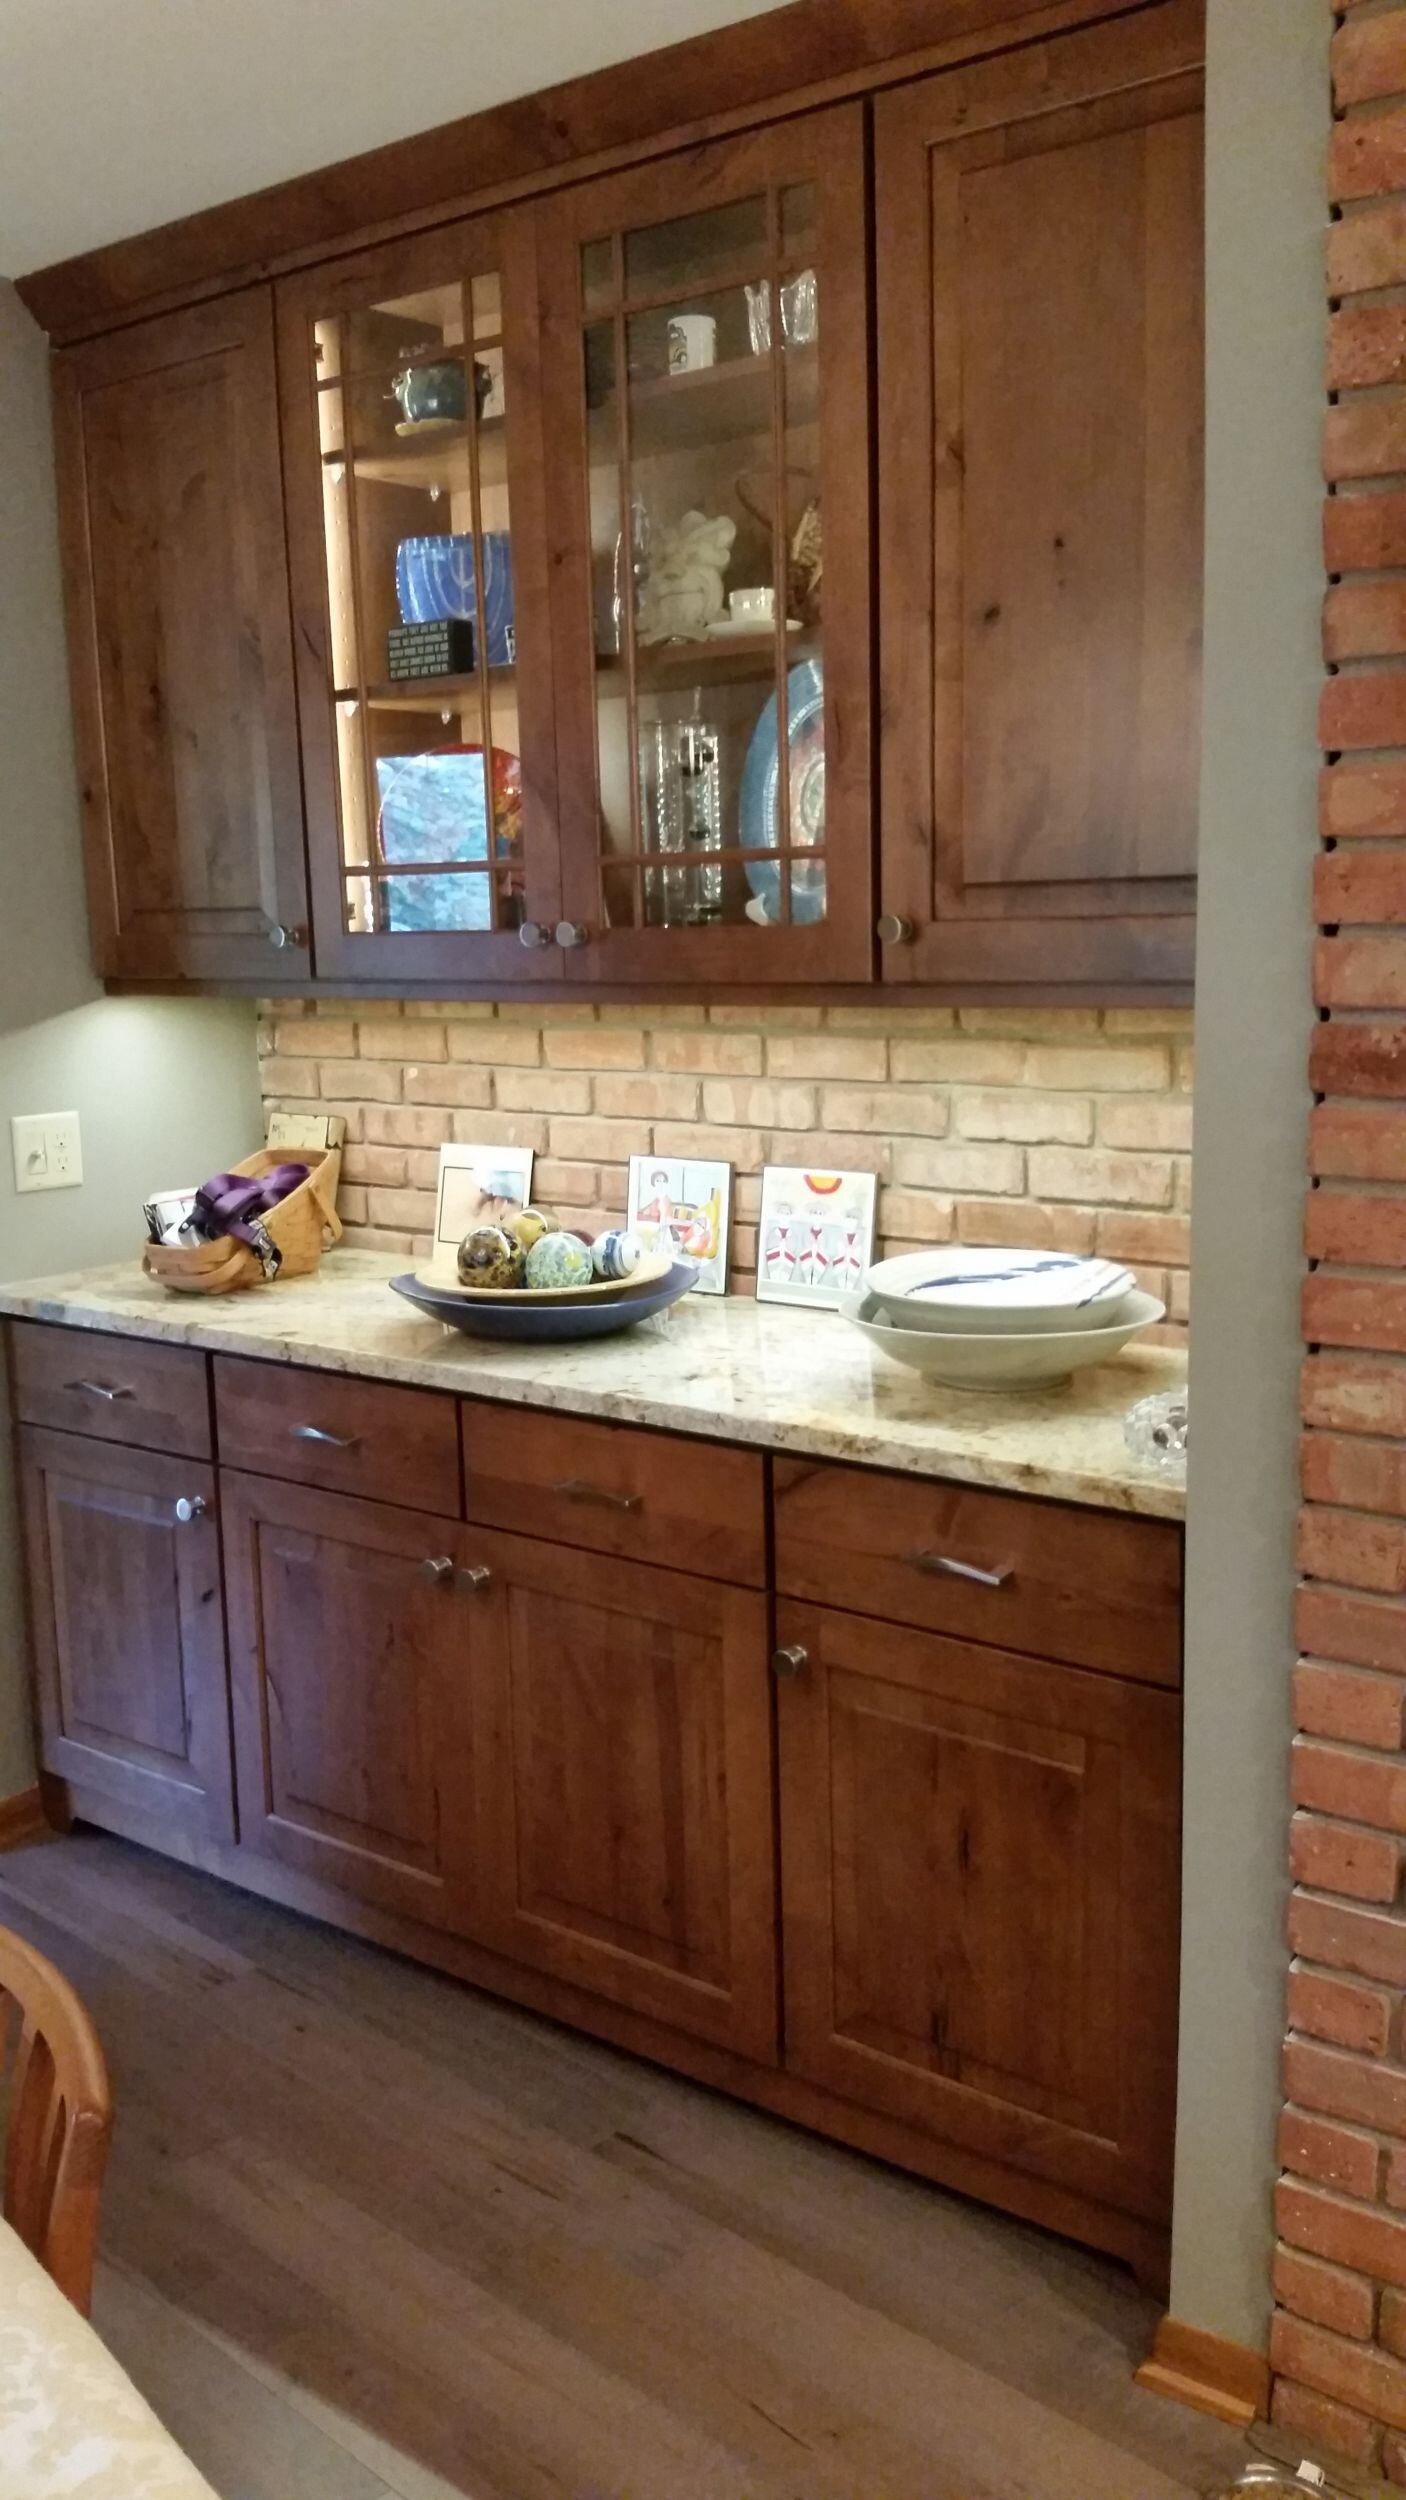 27th_kitchen_3.jpg